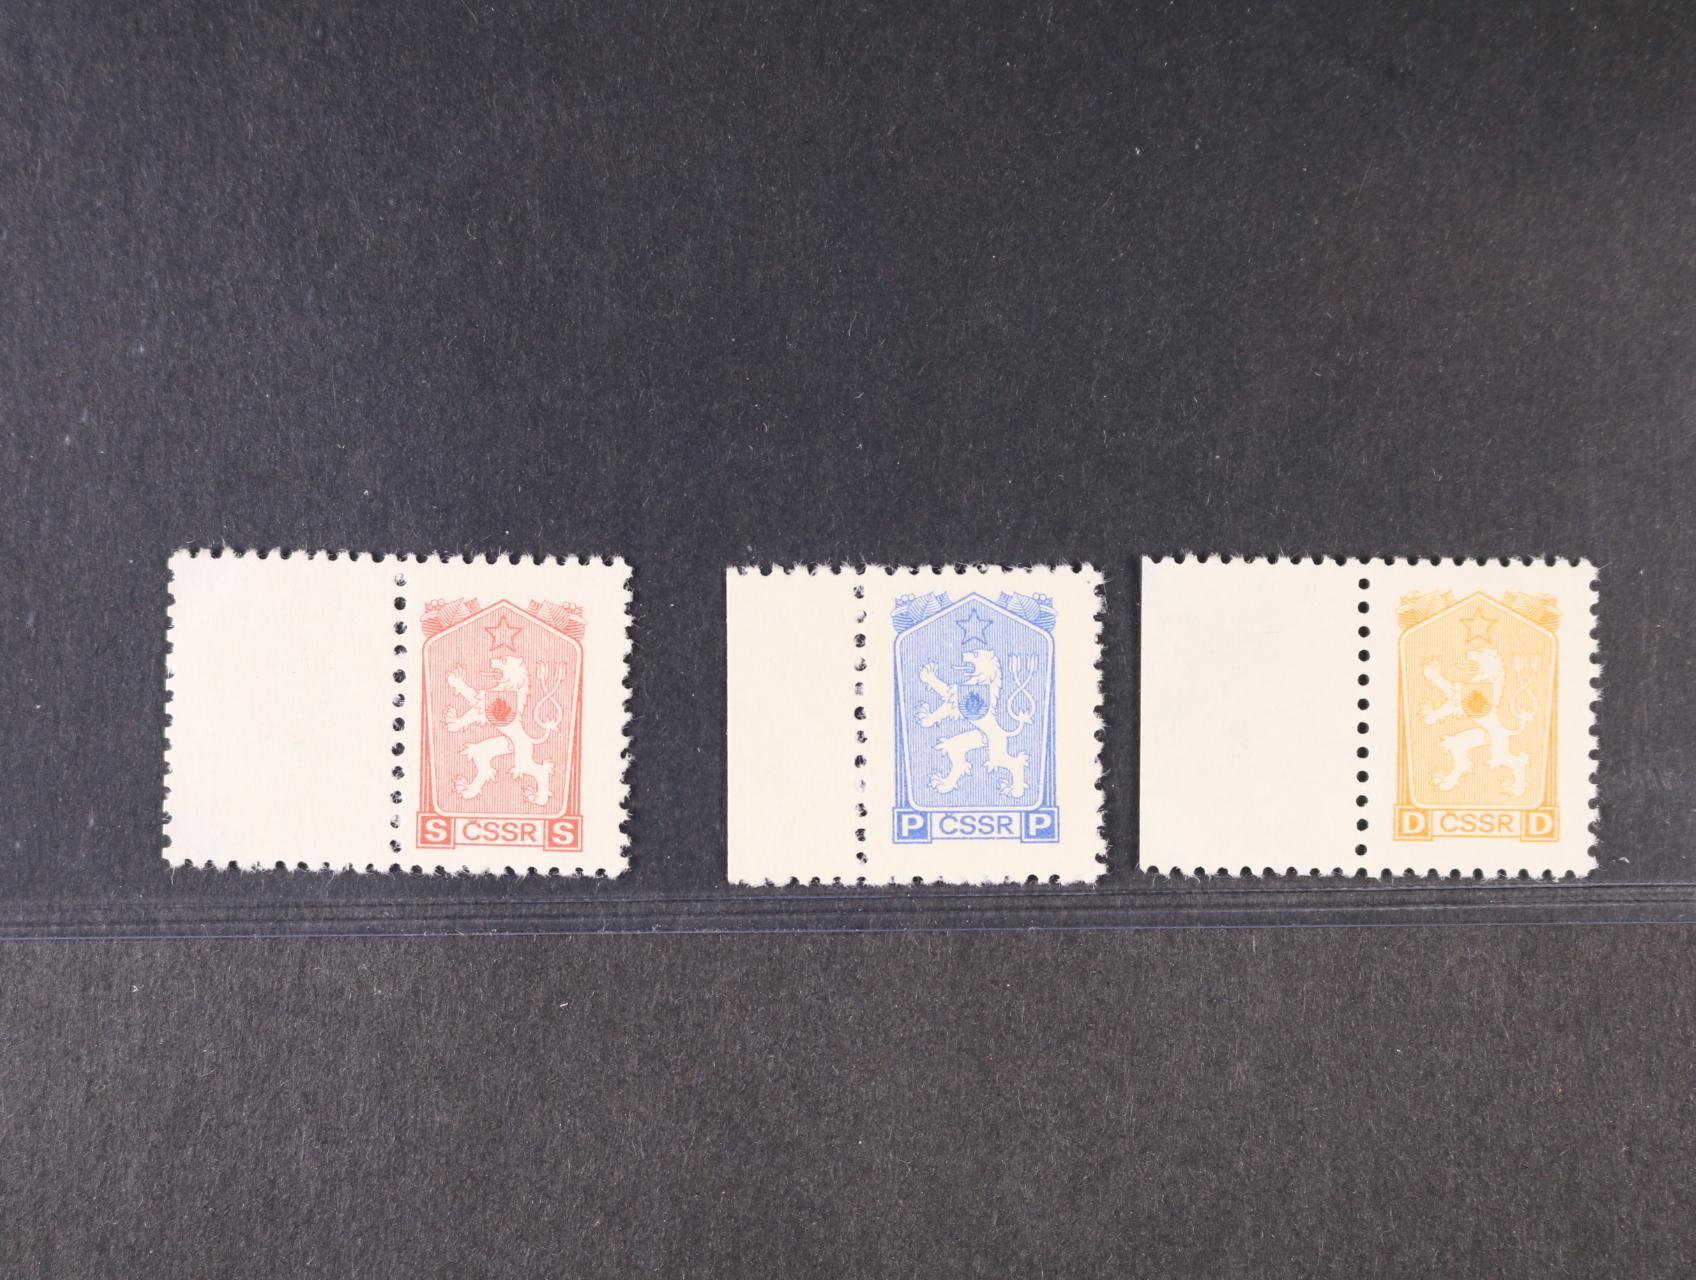 sada nevydaných kolků vzoru 1962 s ozn. D, P, S